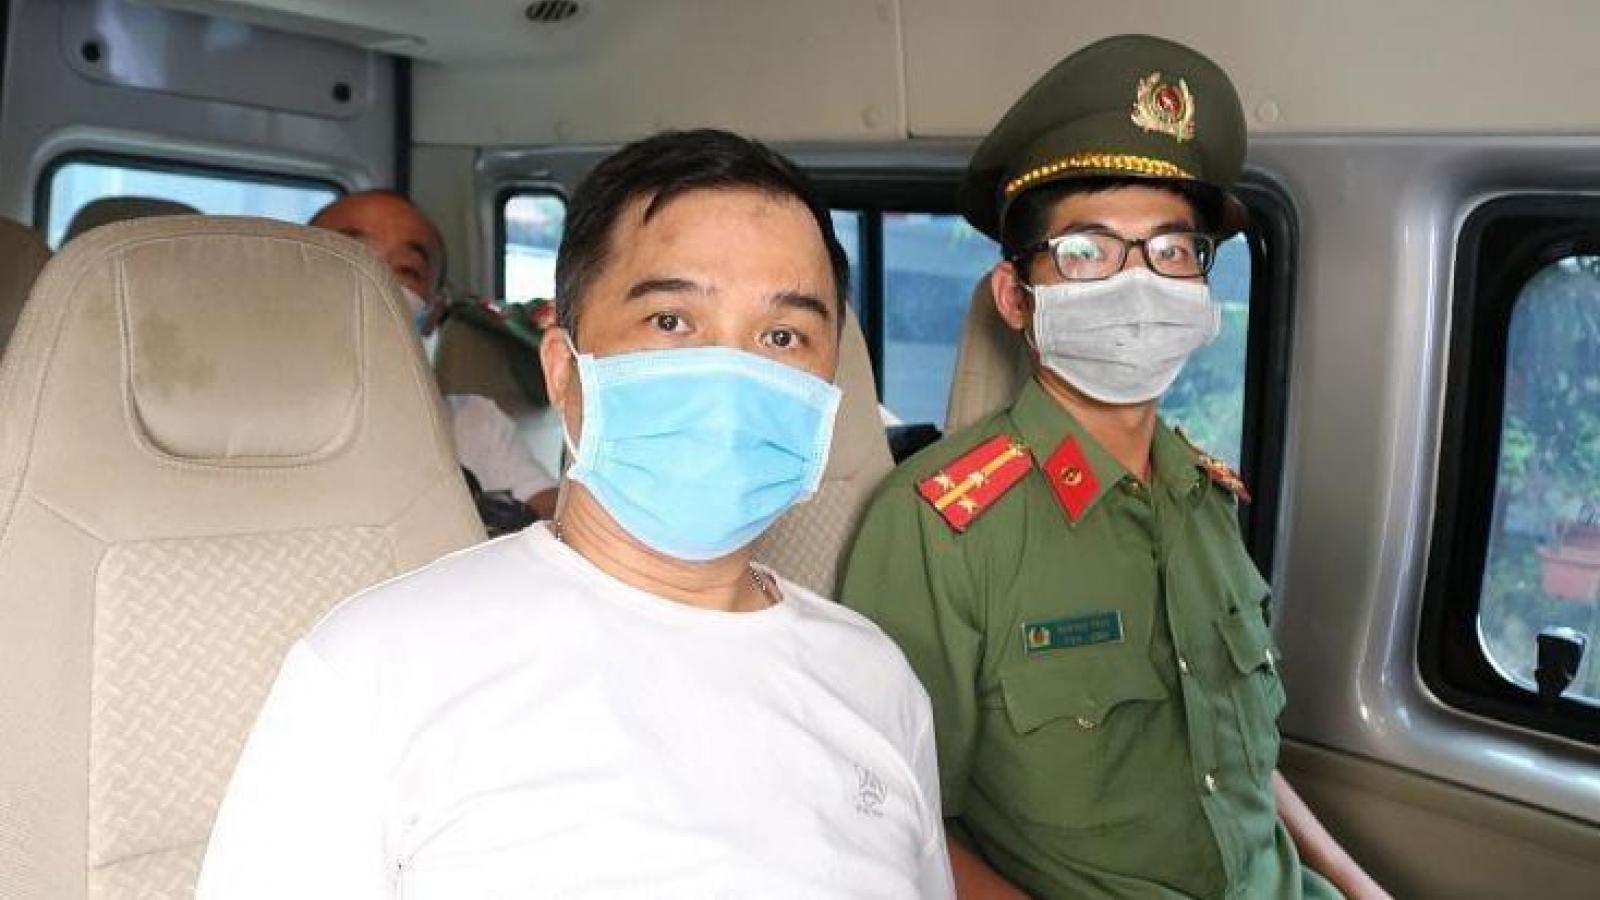 Buộc xuất cảnh 1 người Trung Quốc nhập cảnh trái phép